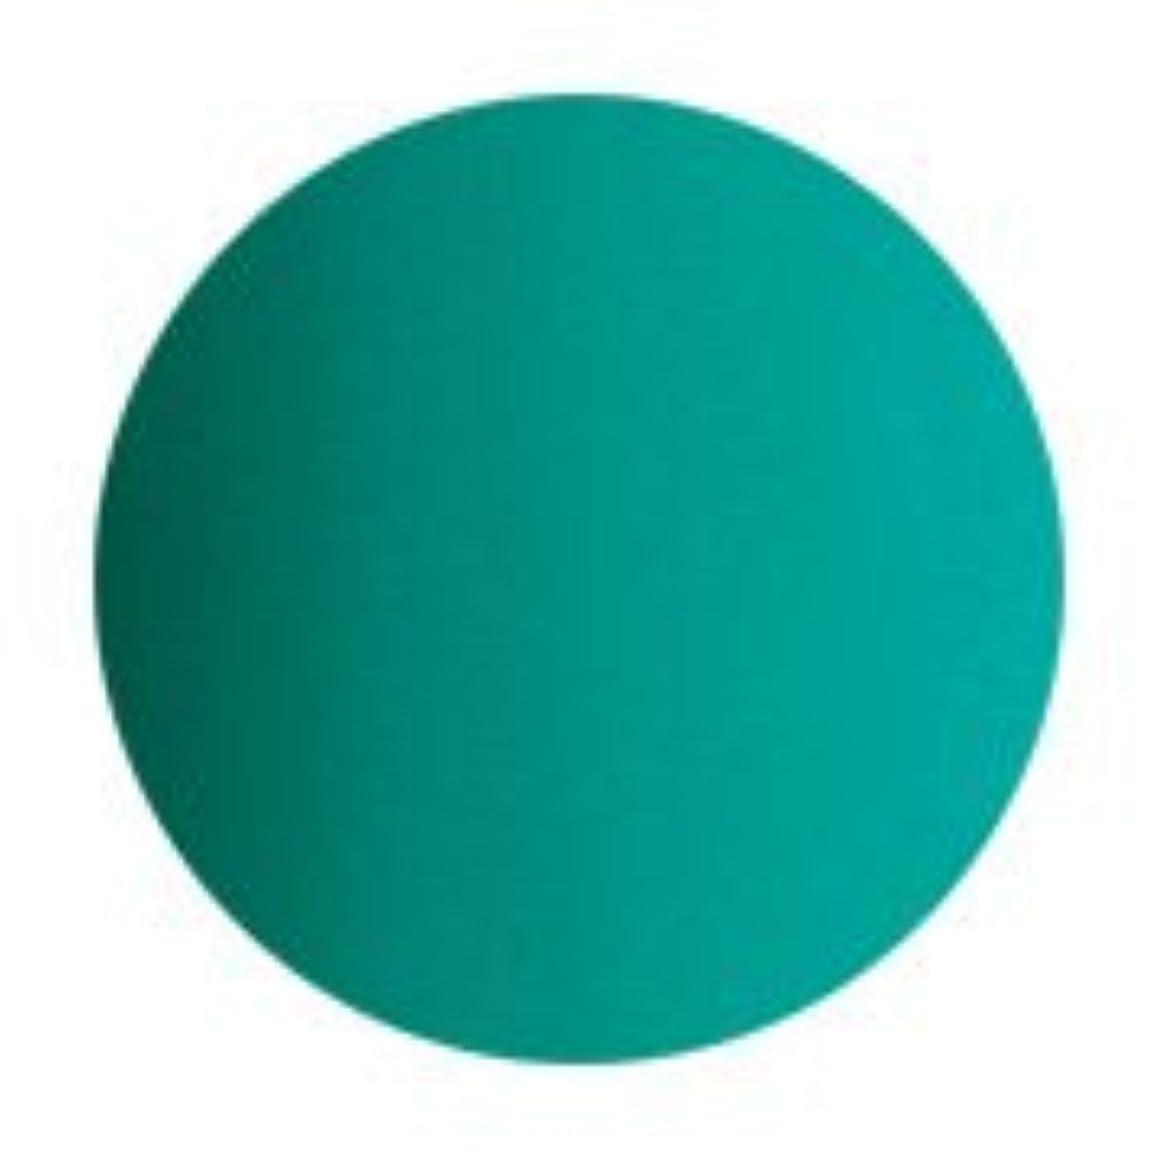 レギュラー認可適度な★Putiel(プティール) カラージェル ポップ 3g P3 ナイルブルー